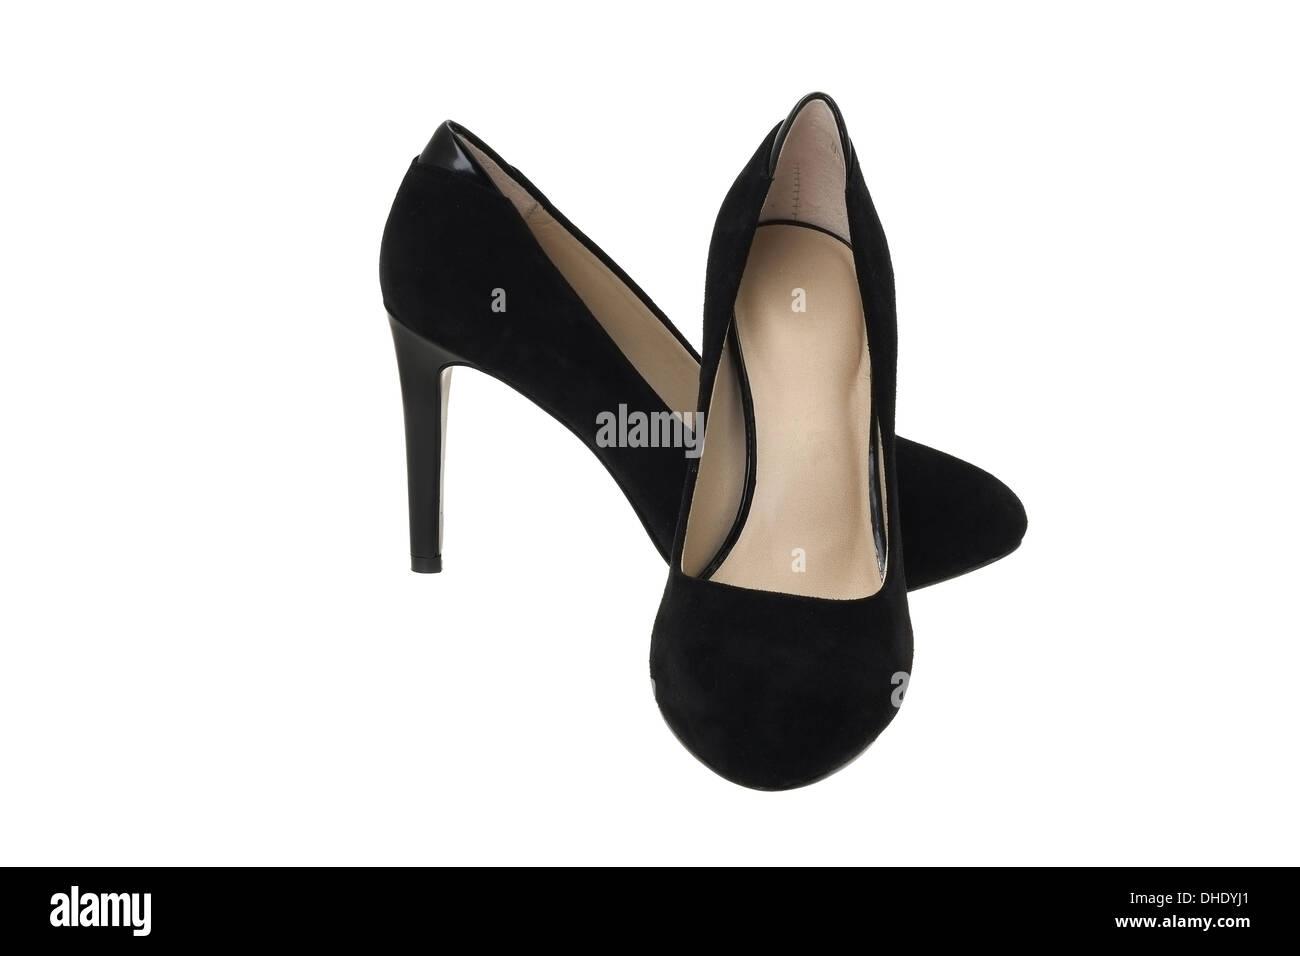 1b67dde522d9 Damen Schwarz high Heel Stiletto Schuhe - Studio gedreht mit weißem  Hintergrund